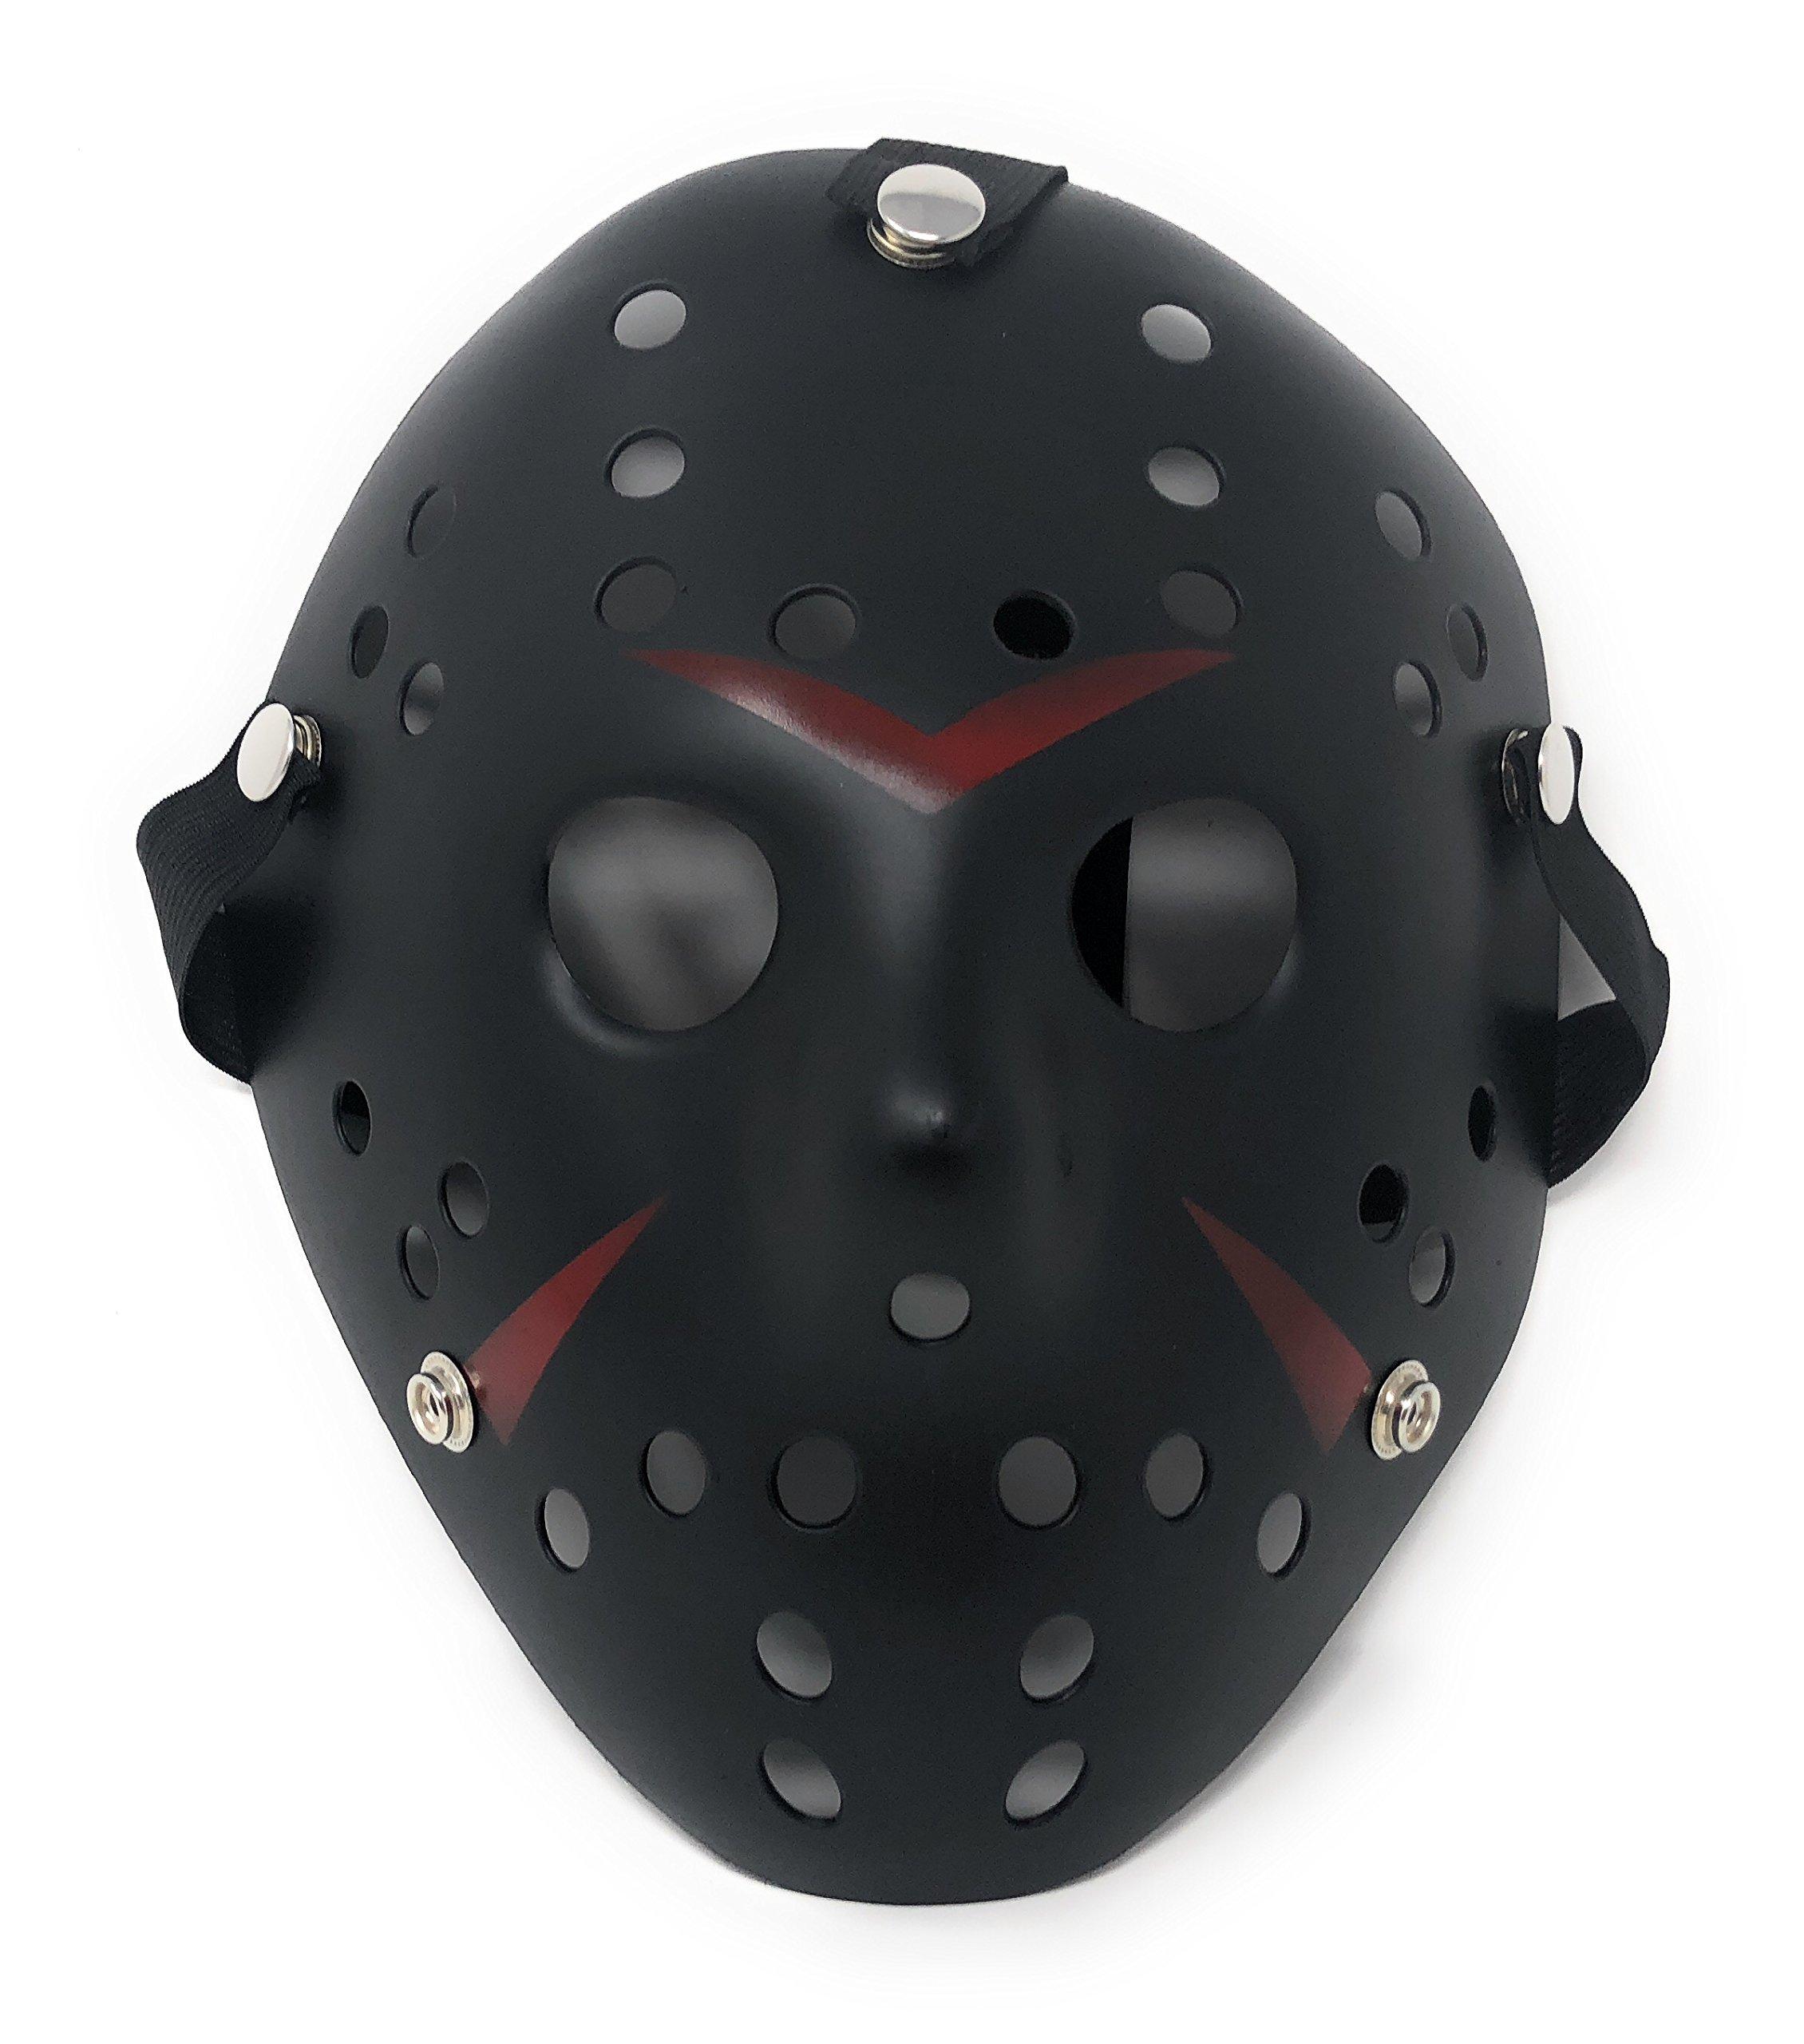 Ultra - Déguisement thème Horreur - Masques de hockey couleurs argent, or, blanc, bronze - Masque adulte de qualité PVC avec sangle velcro élastique product image